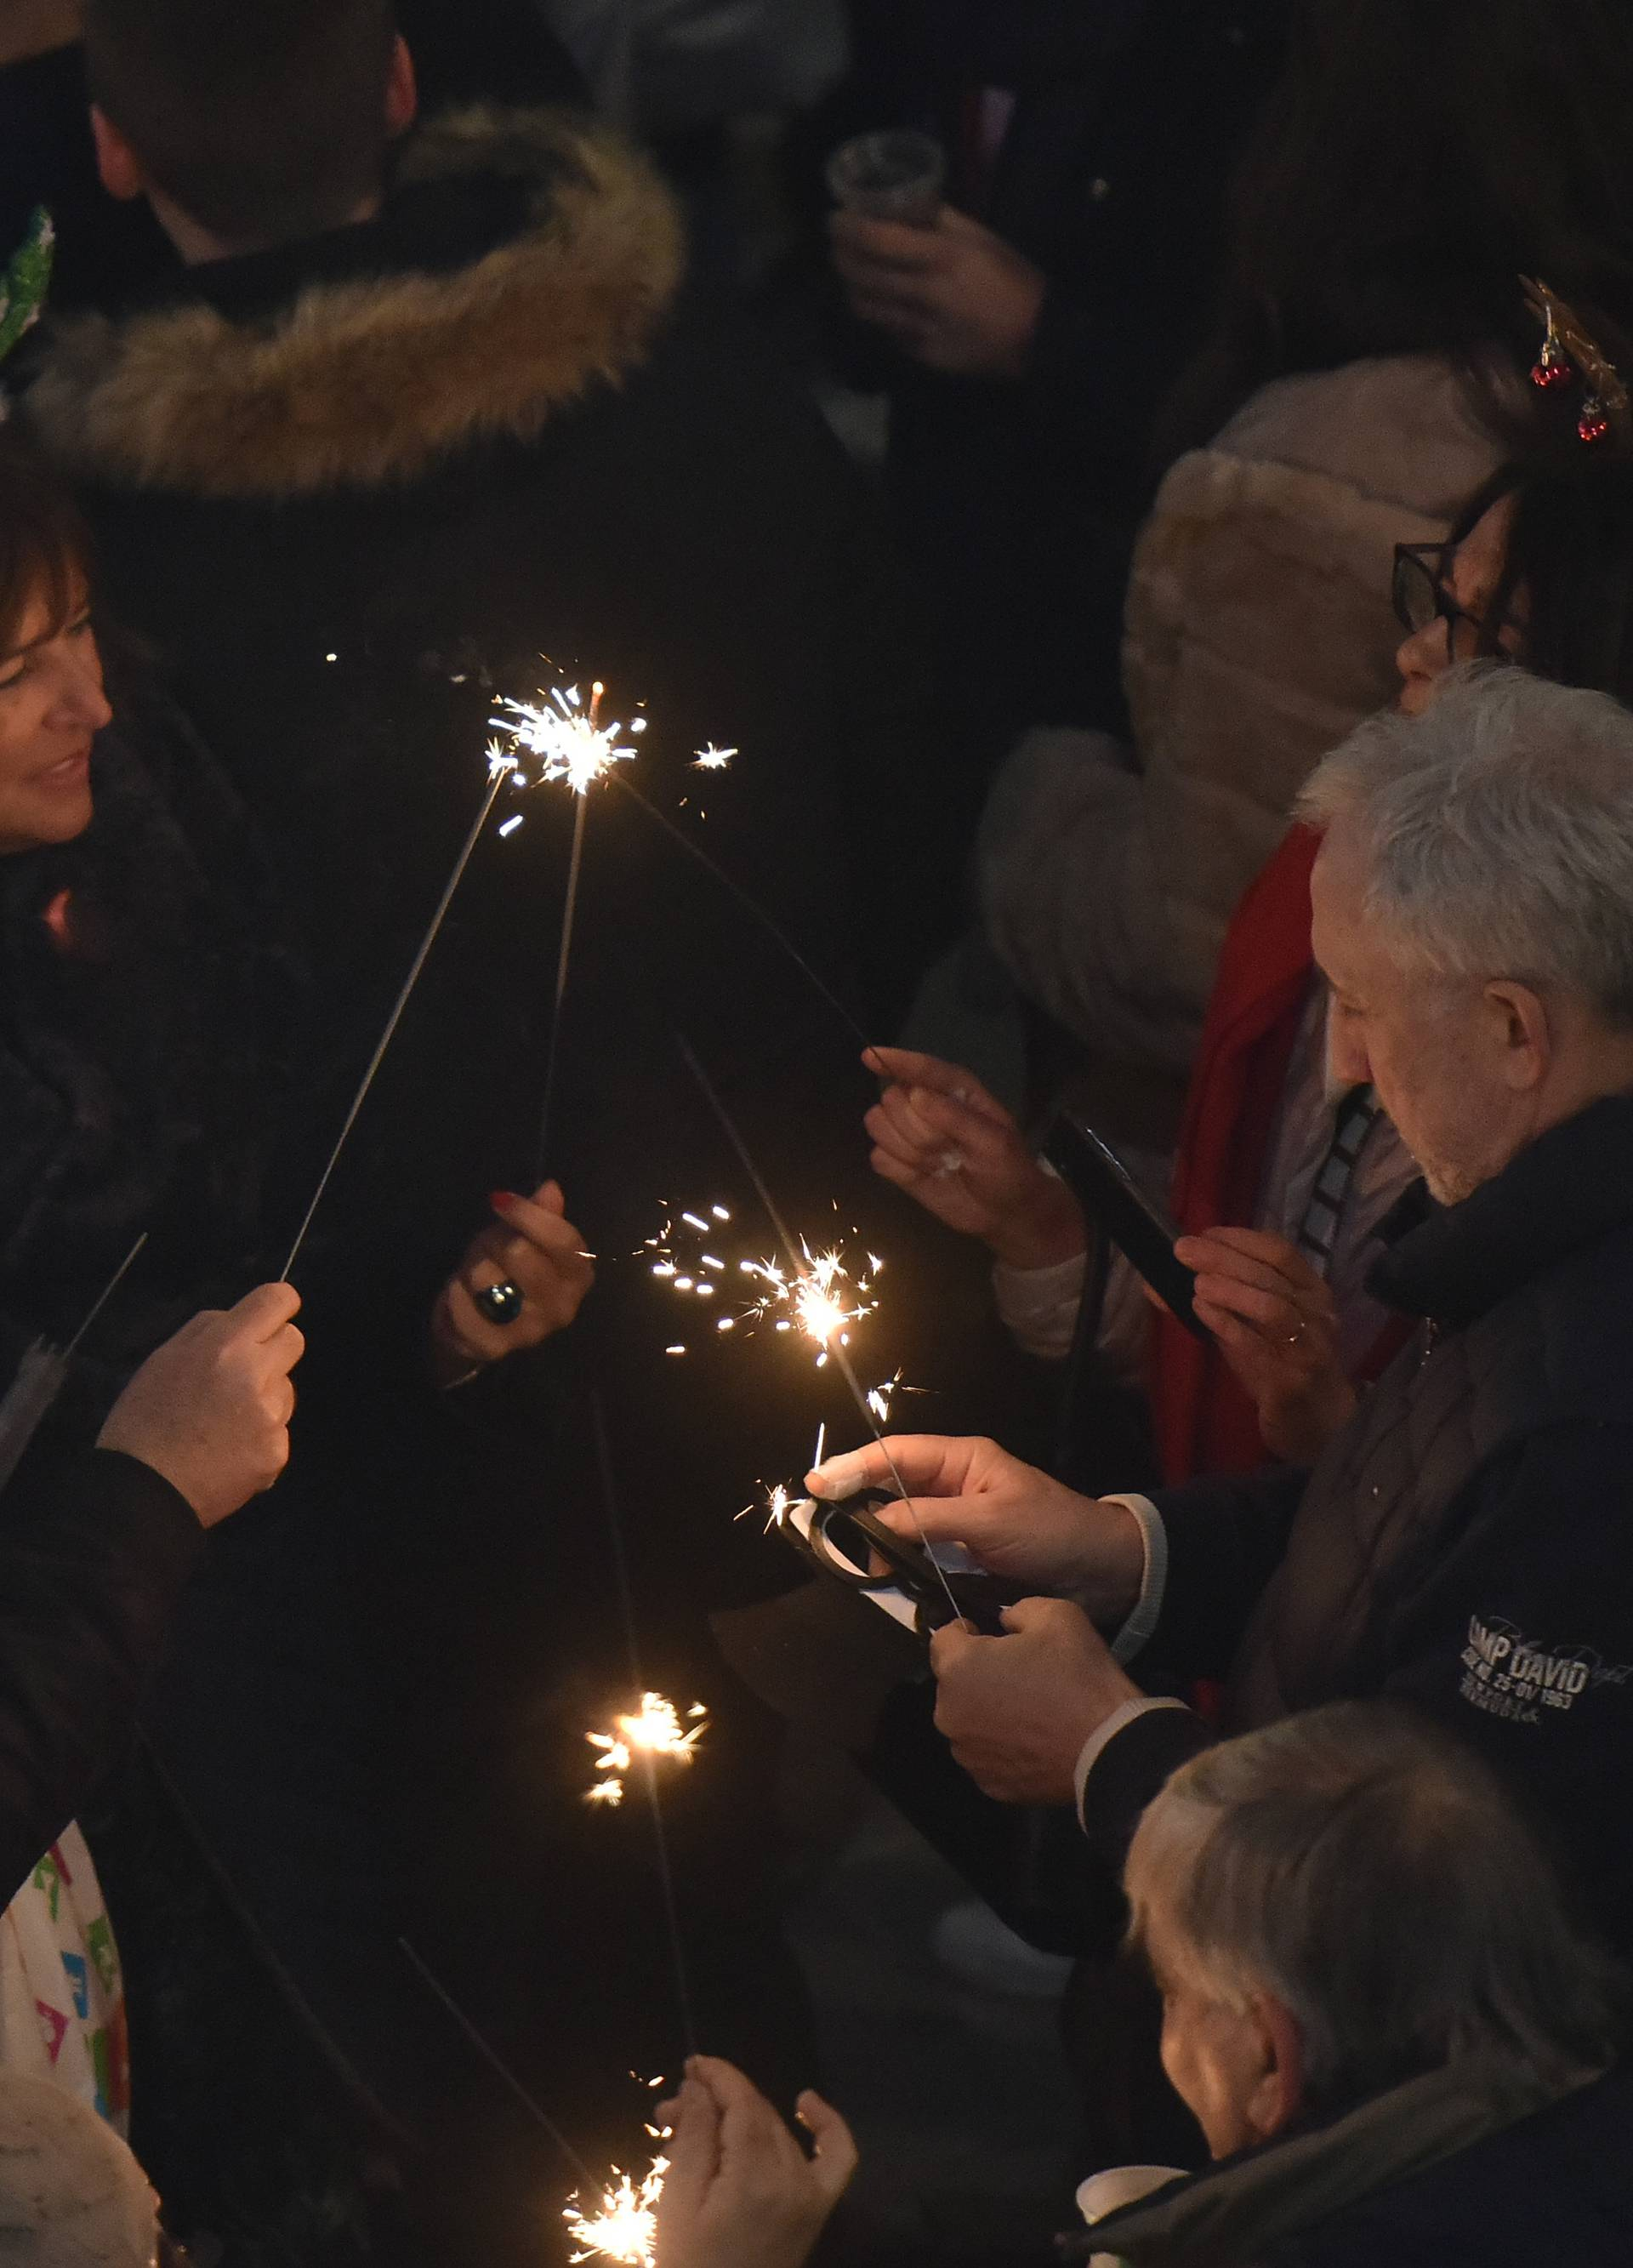 Proslava Nove godine u Istri protekla je mirno i sigurno...